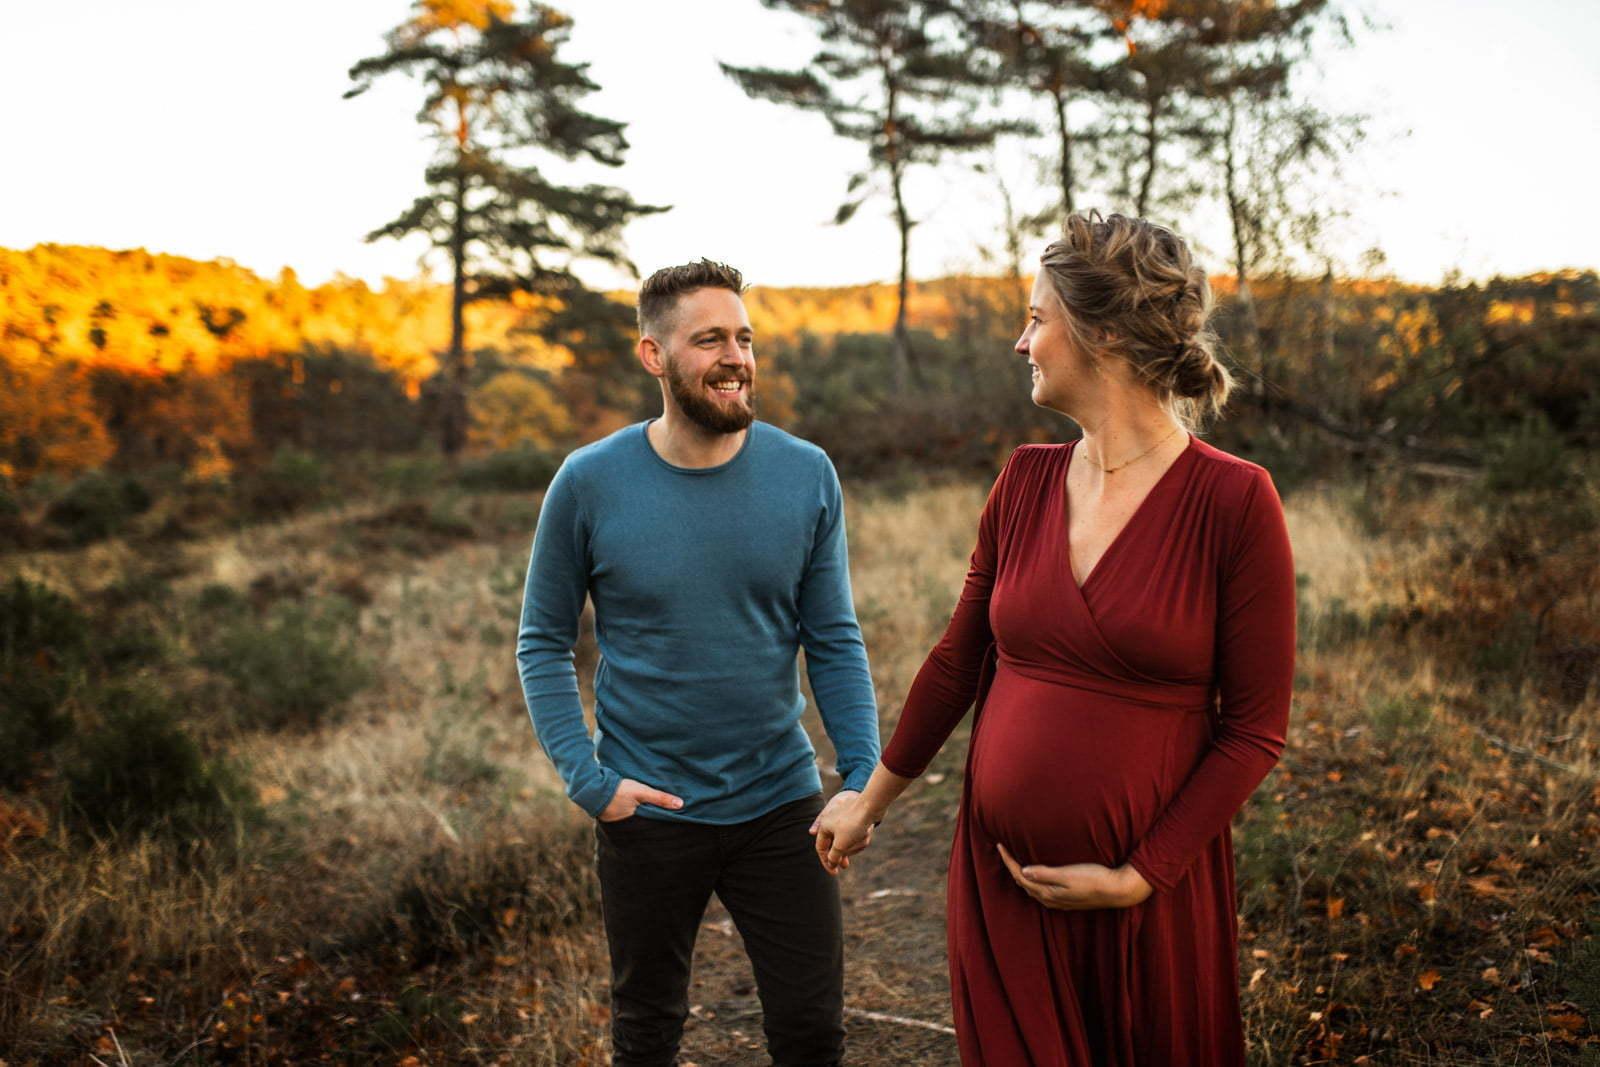 Zwangerschapsshoot-zwanger-fotograaf-limburg-29